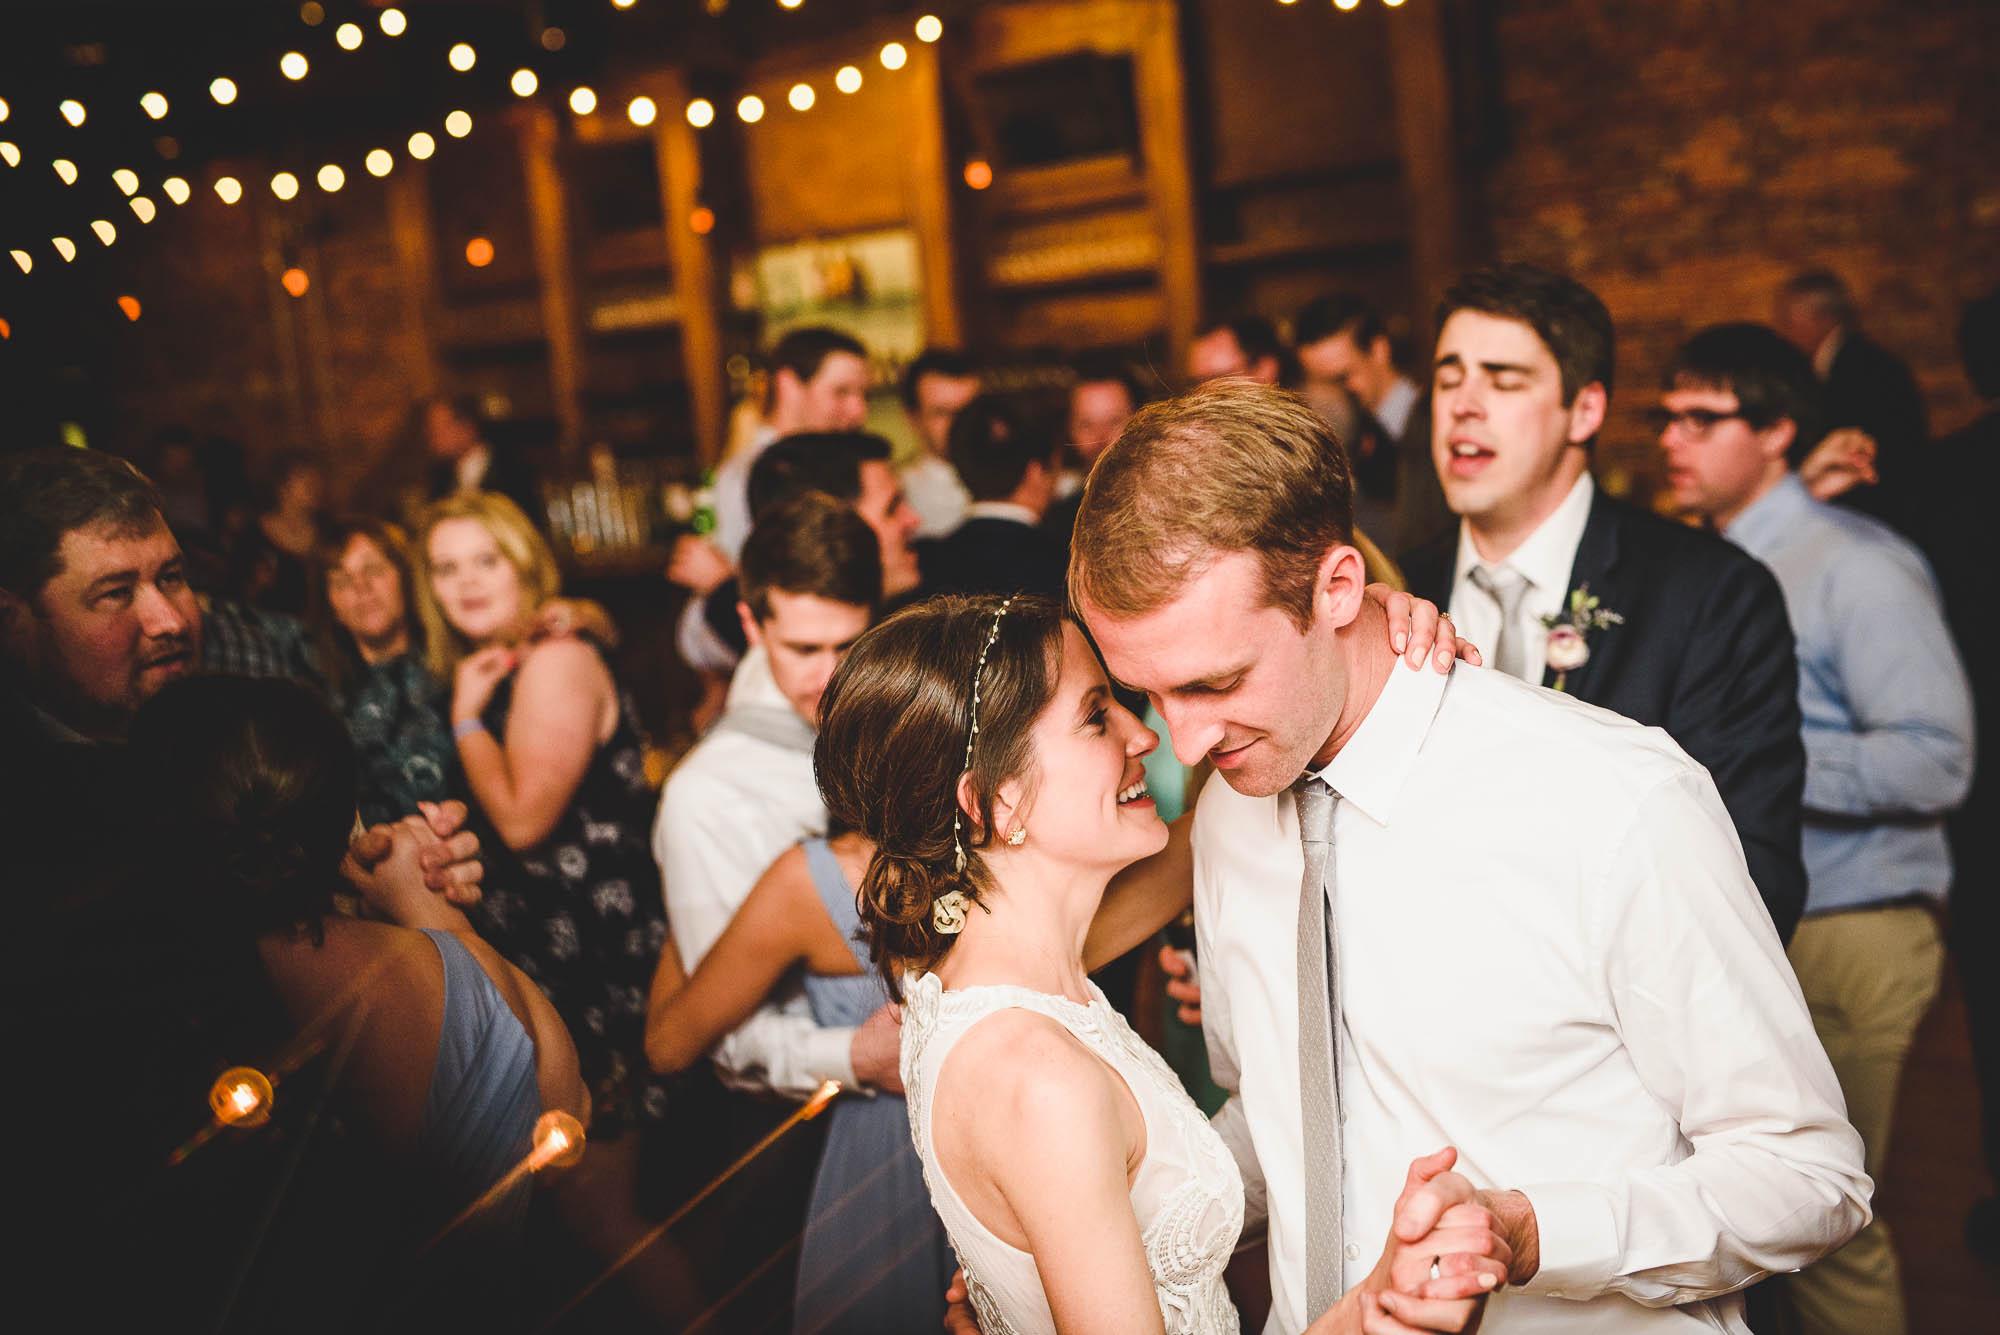 Century Room wedding reception